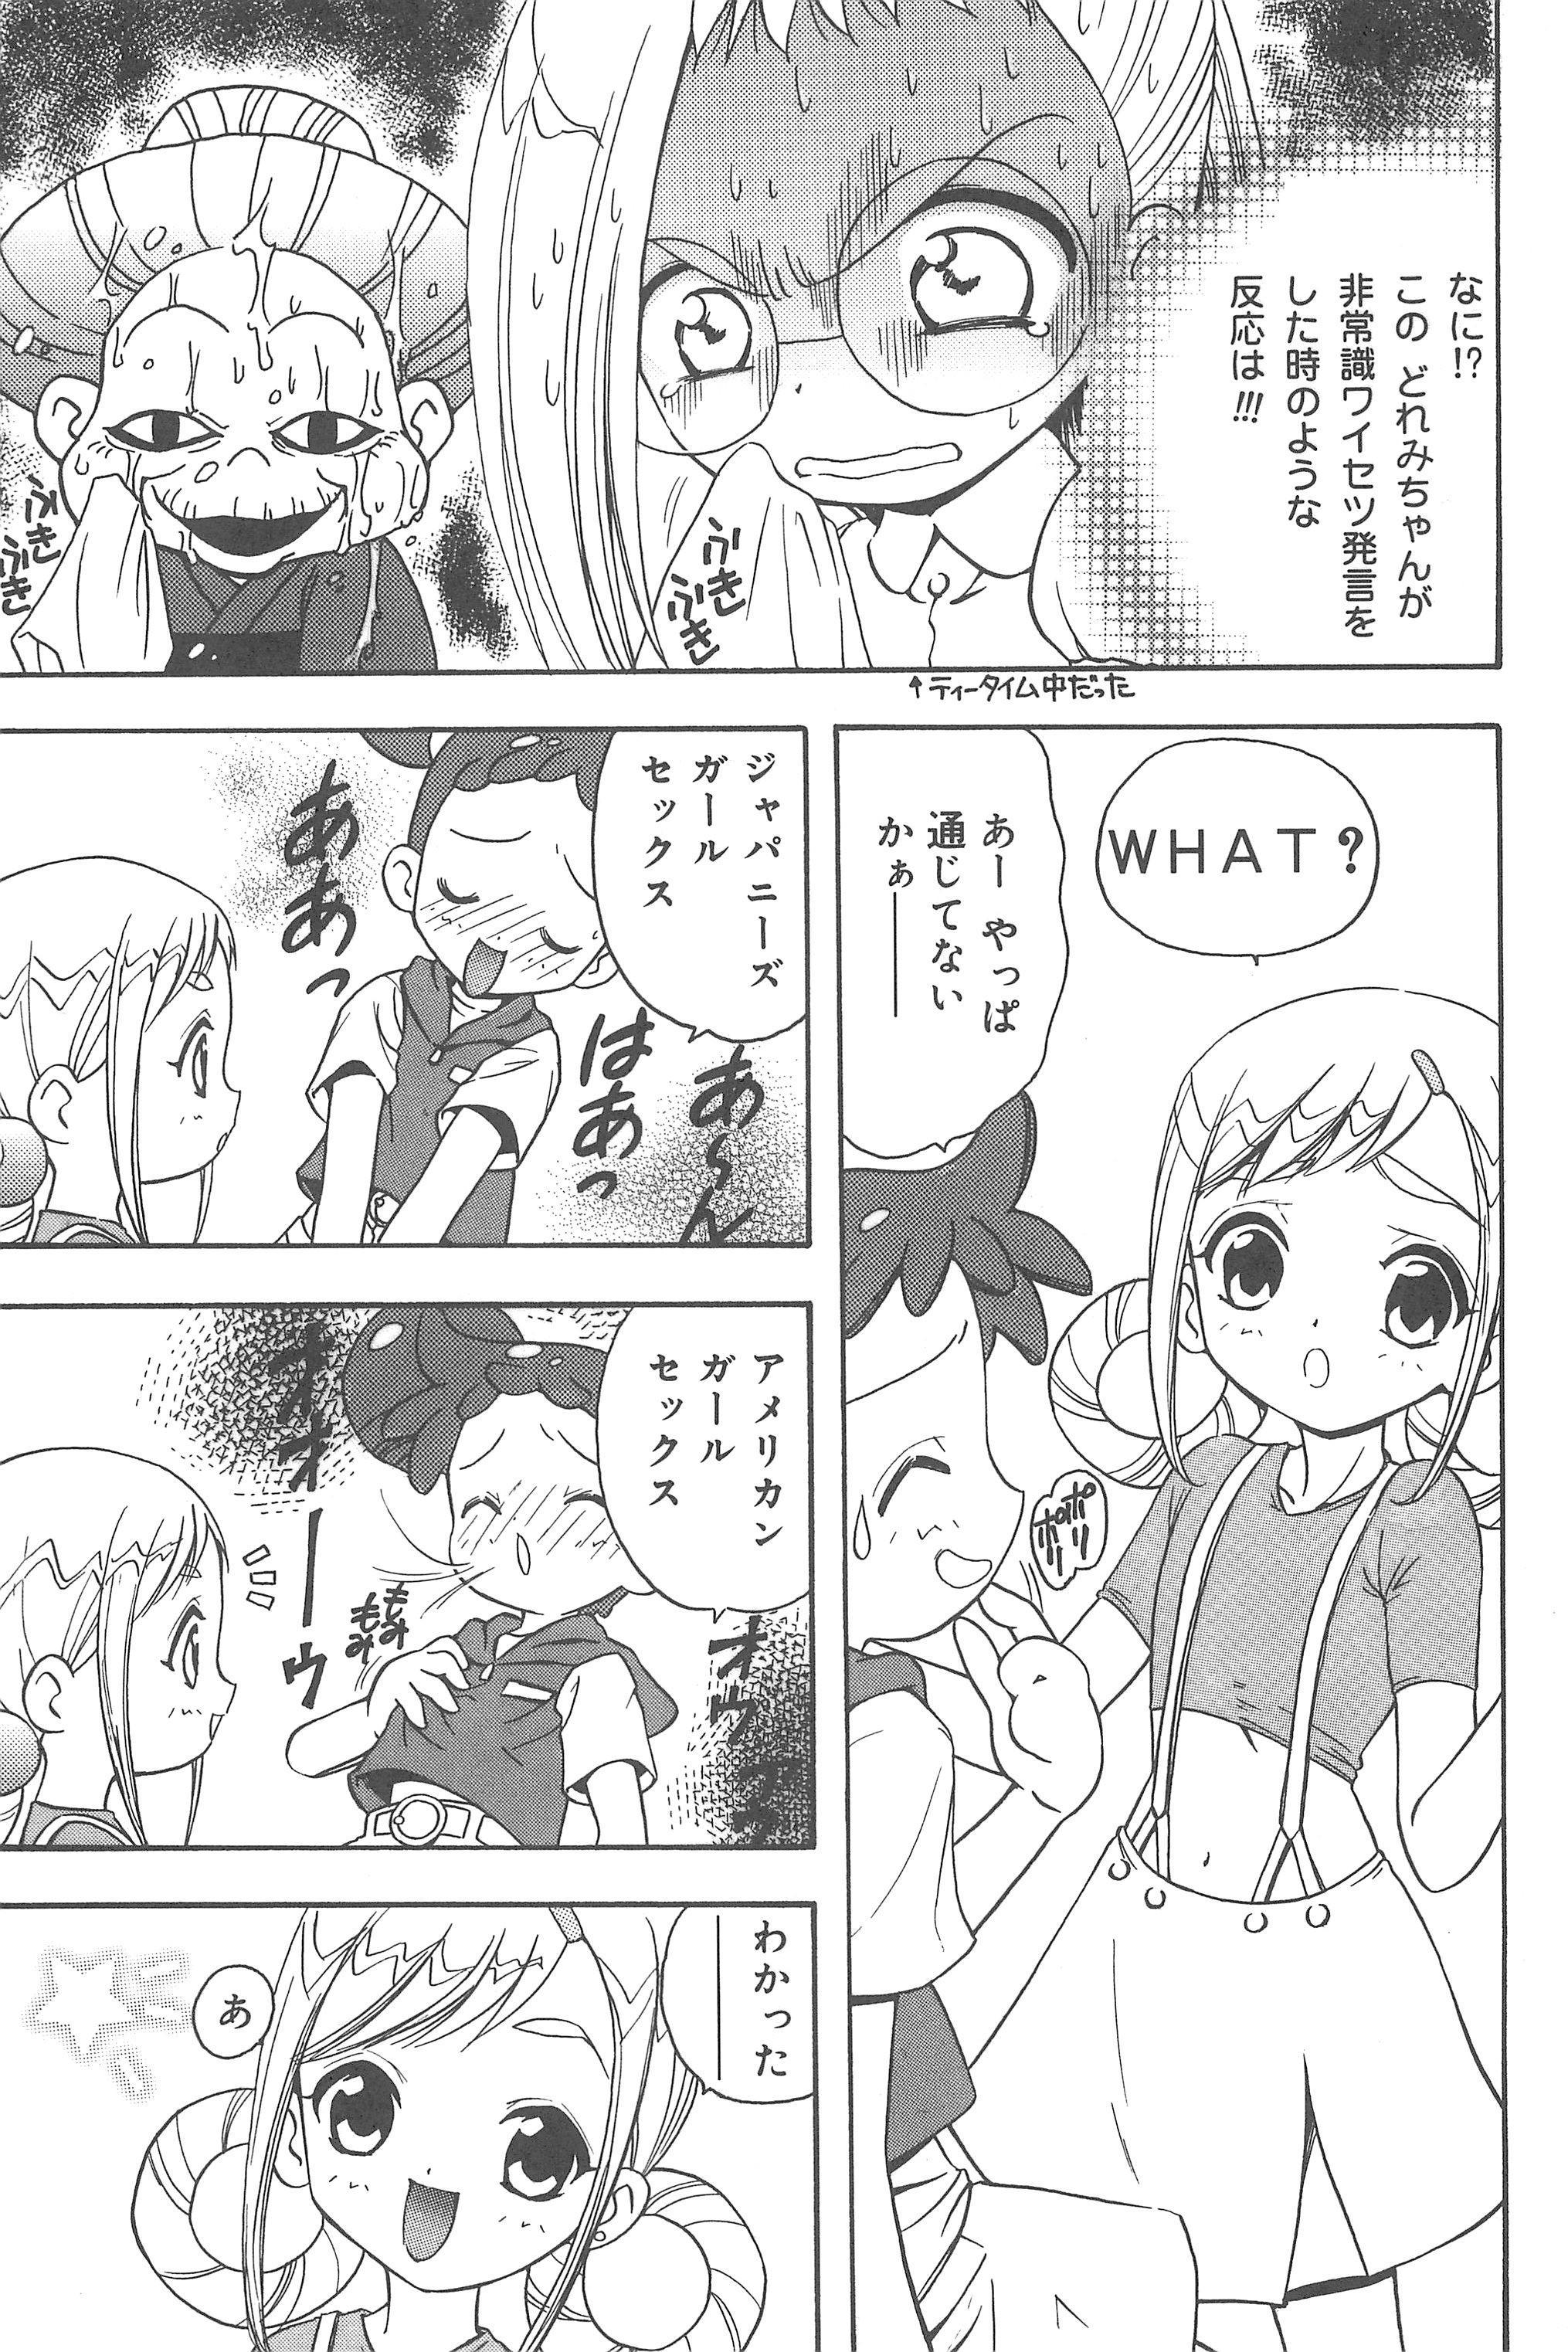 Mukatsuki Teikoku Soushuuhen 48